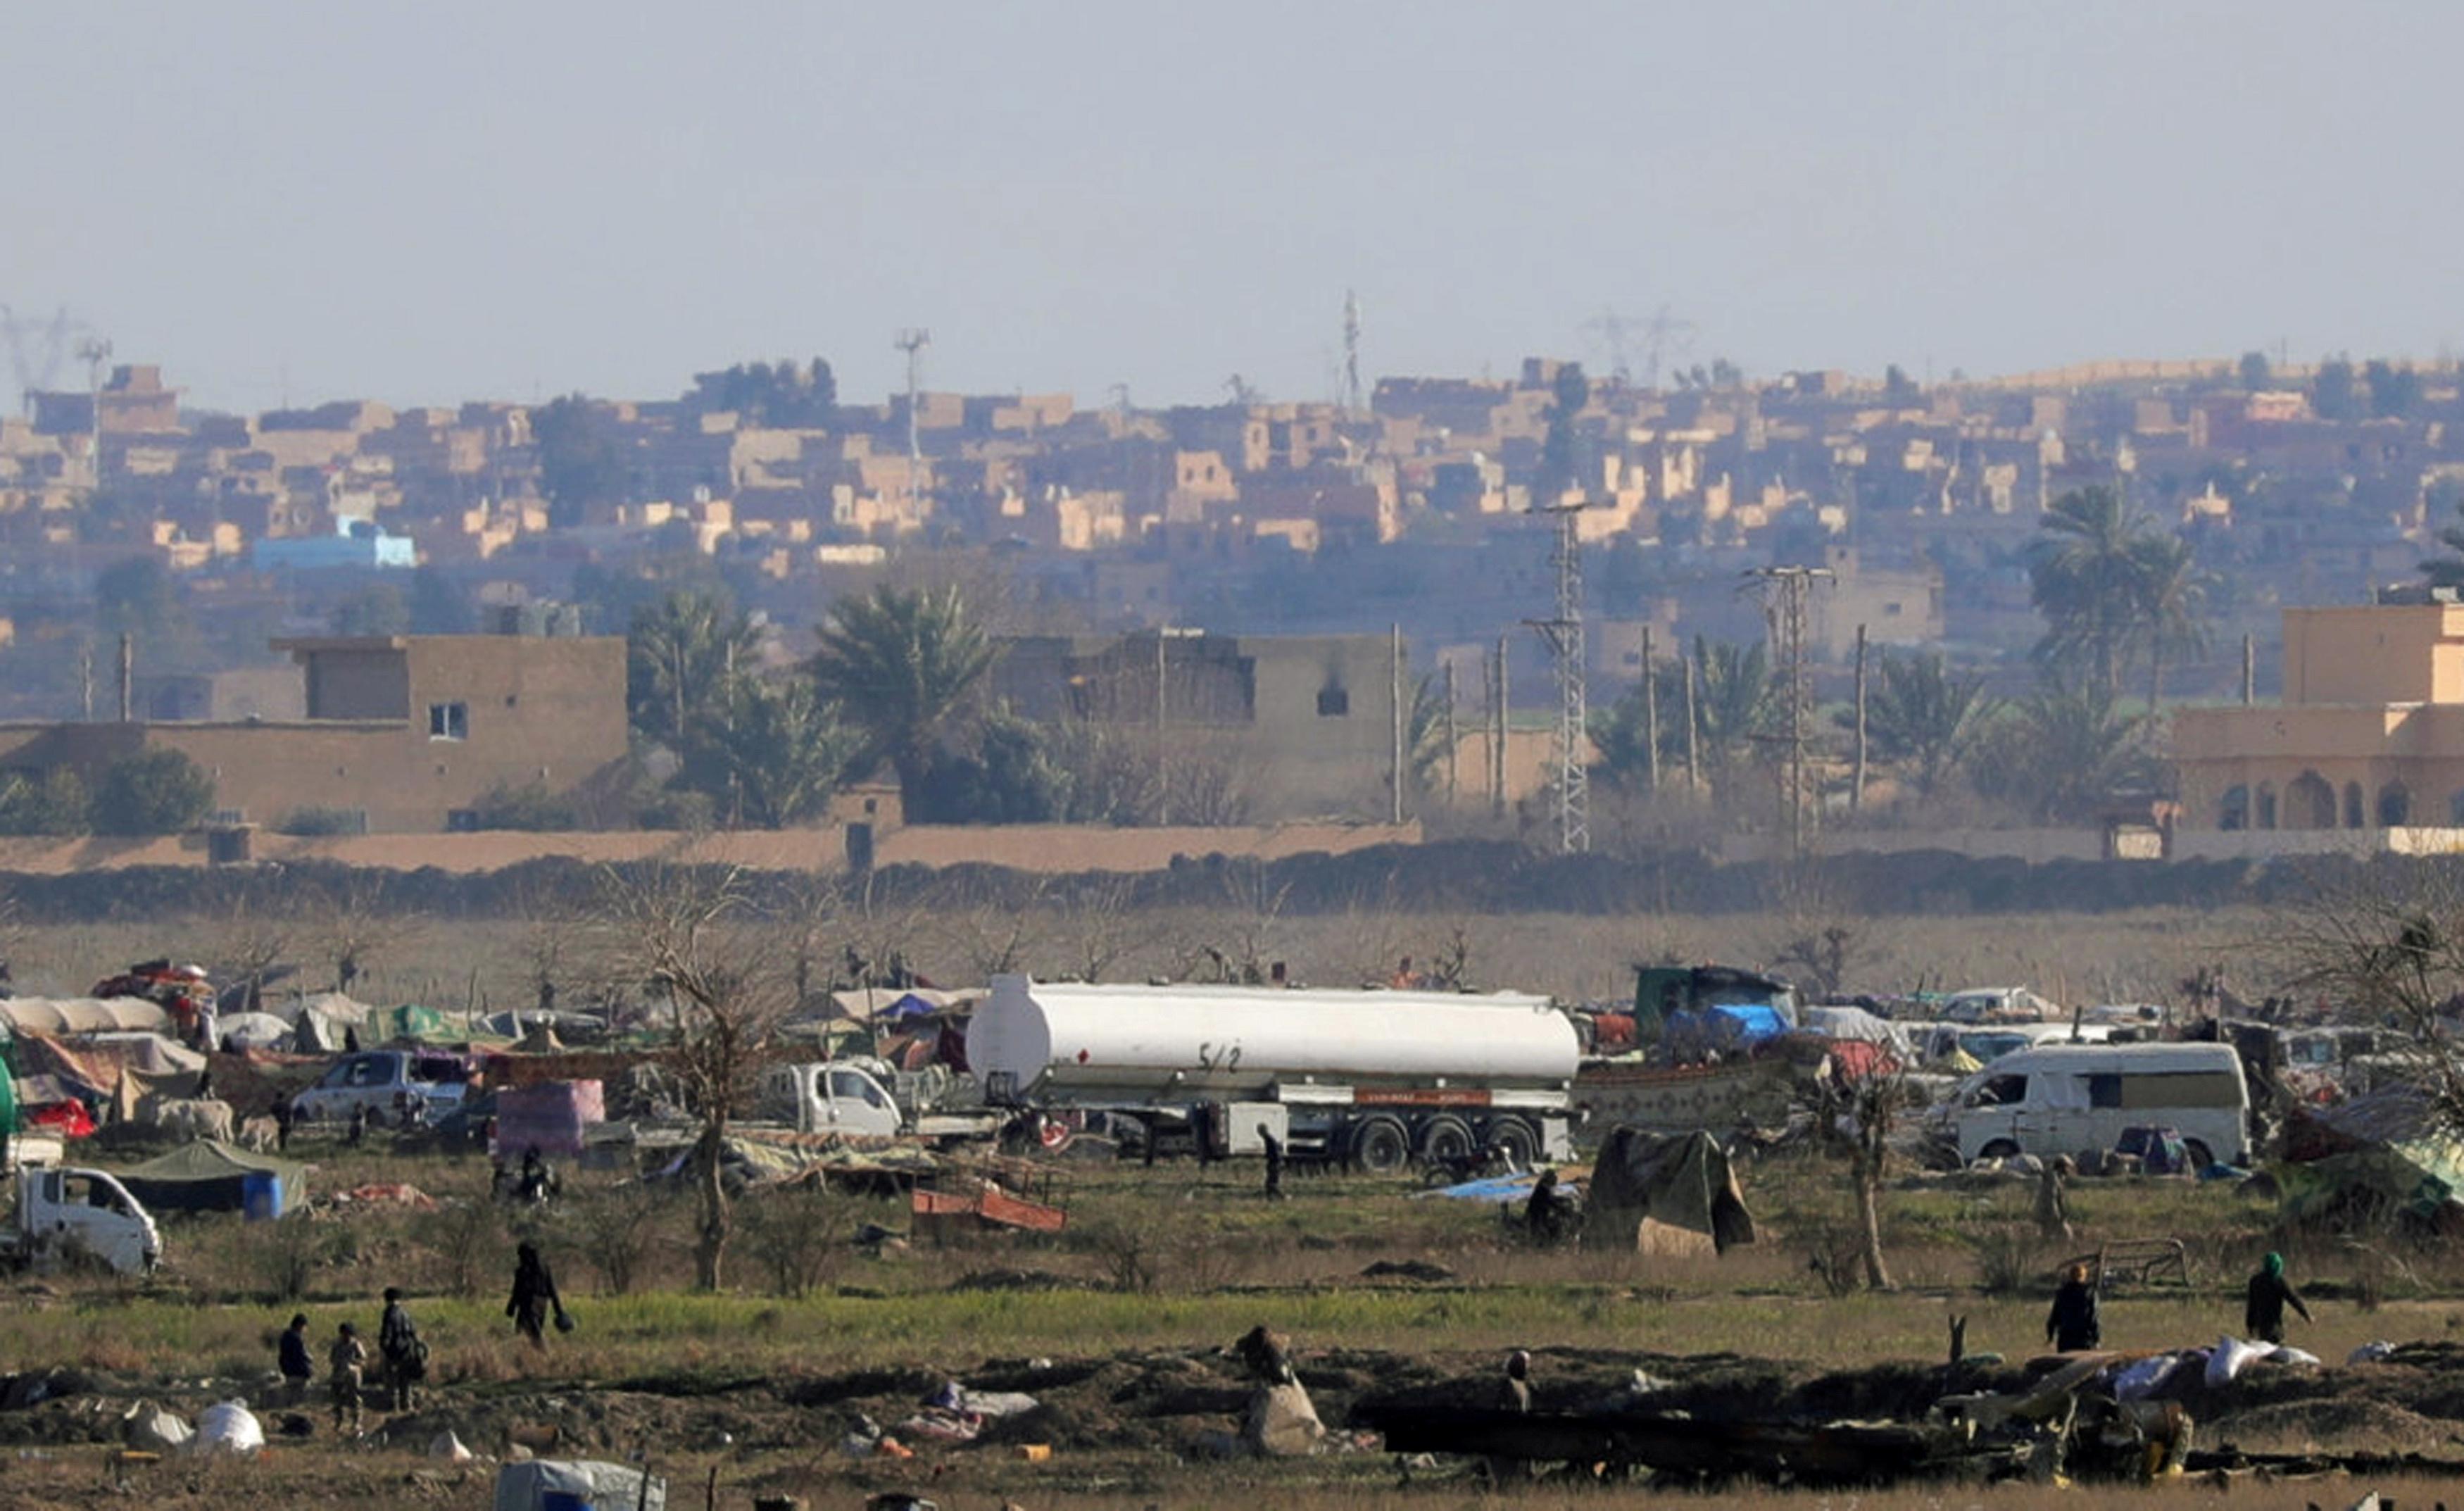 صورة تظهر بقايا عناصر تنظيم داعش في مساحة صغيرة بقرية الباغوز شمال شرقي سوريا